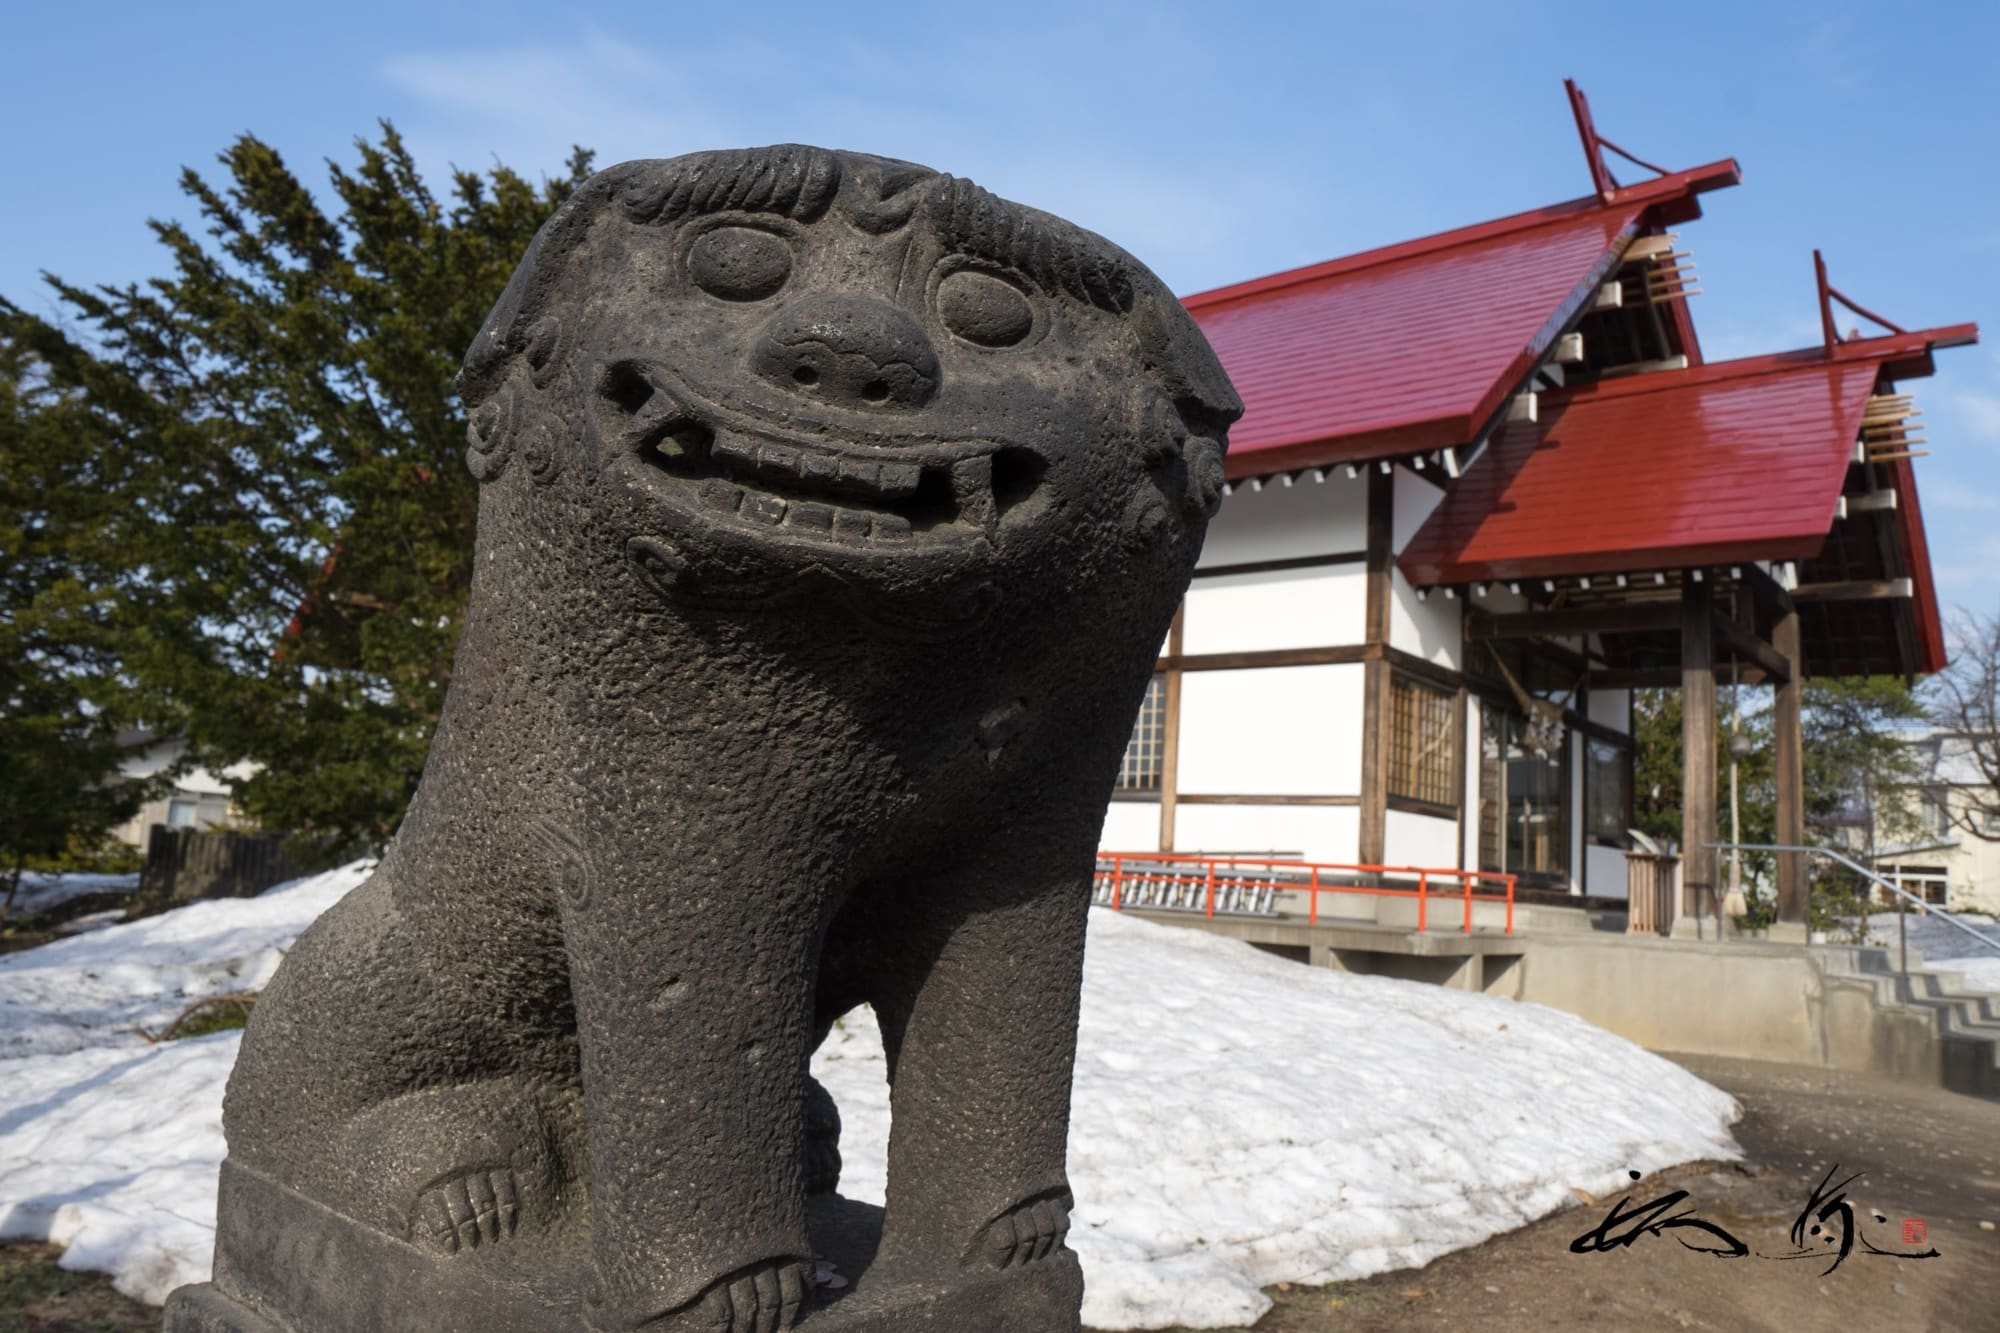 江部乙神社(滝川市)の「笑う狛犬」は福を呼ぶパワースポット【No.06】北海道御朱印巡り